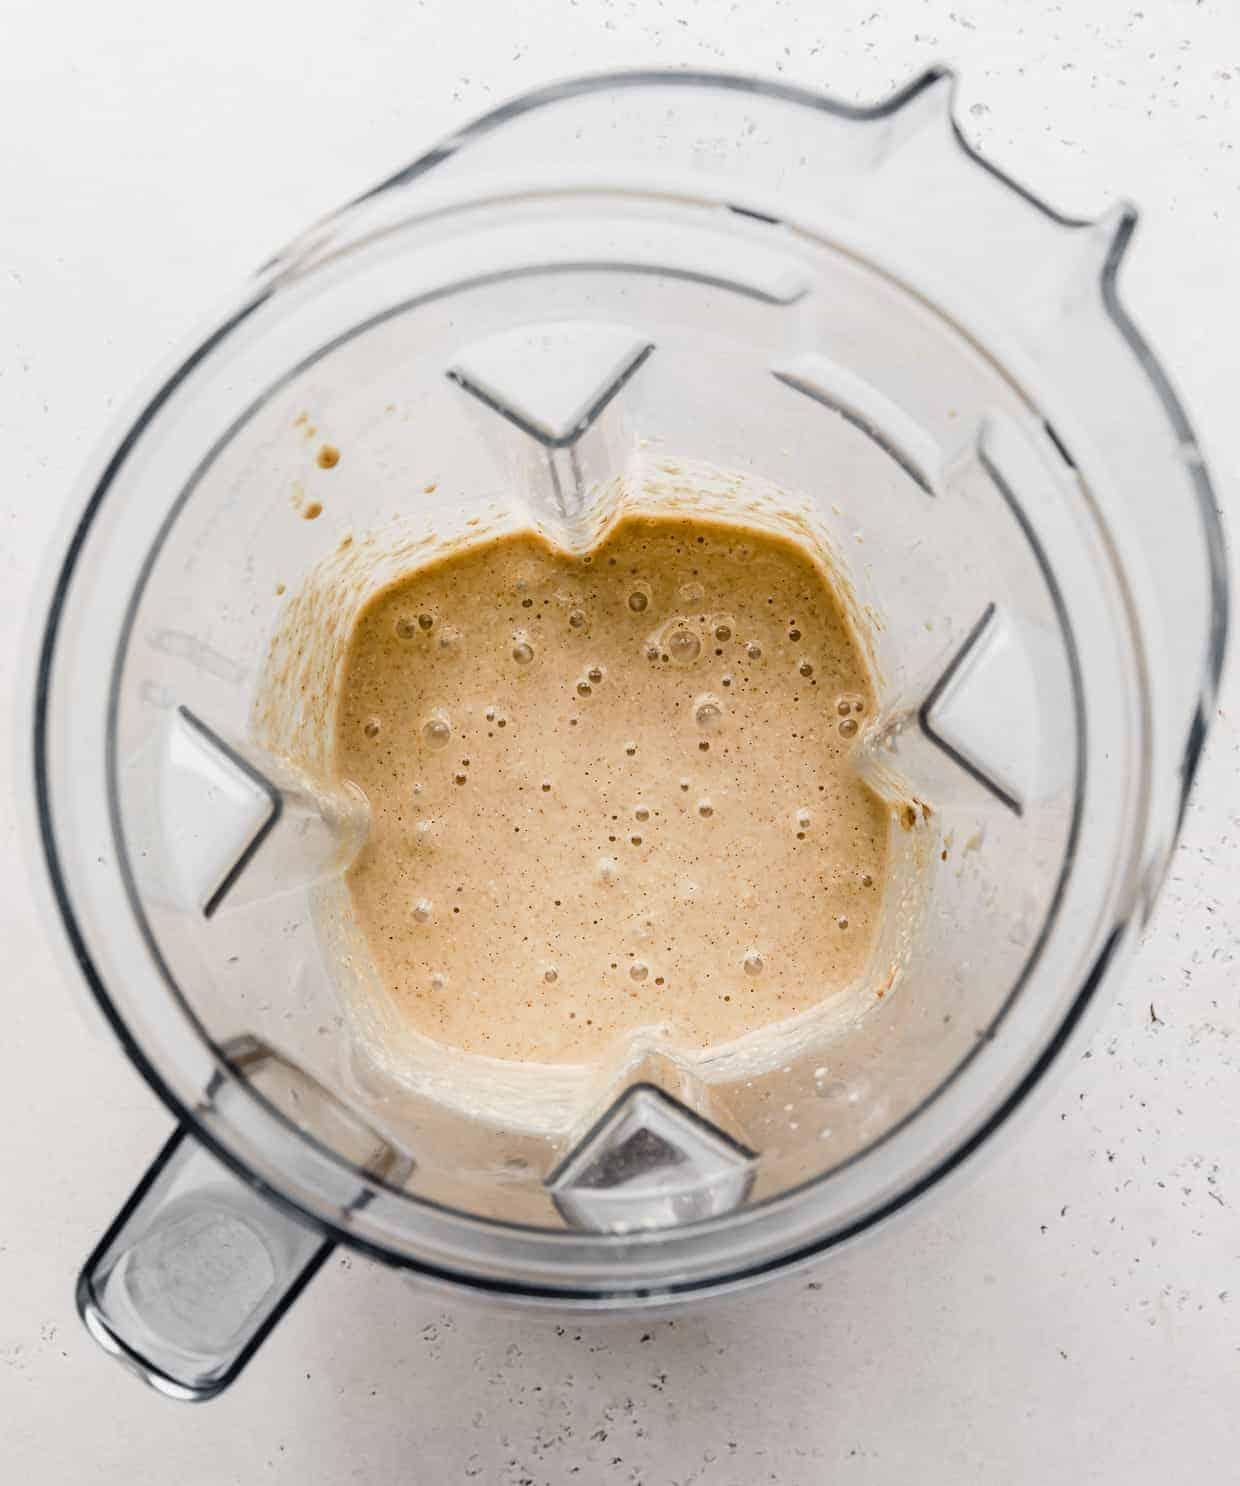 Banana Oatmeal Pancake batter in a blender against a light gray background.